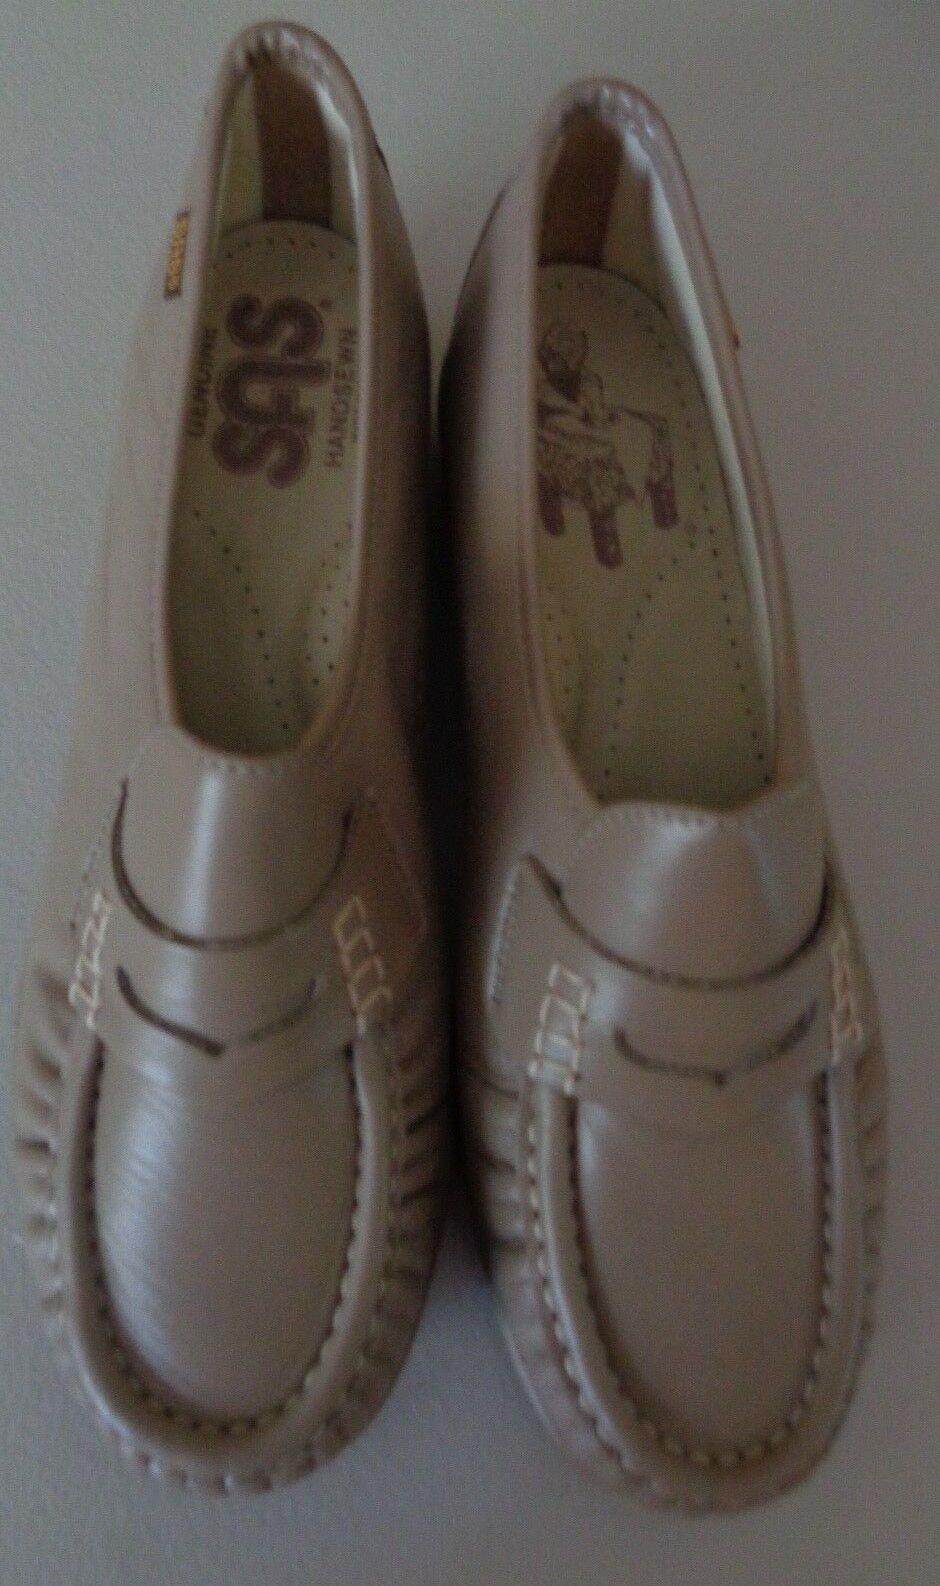 seleziona tra le nuove marche come SAS Donna NEW NEW NEW scarpe genuine comfort beige tan 8 1 2M slip on moccasin type  ti aspetto